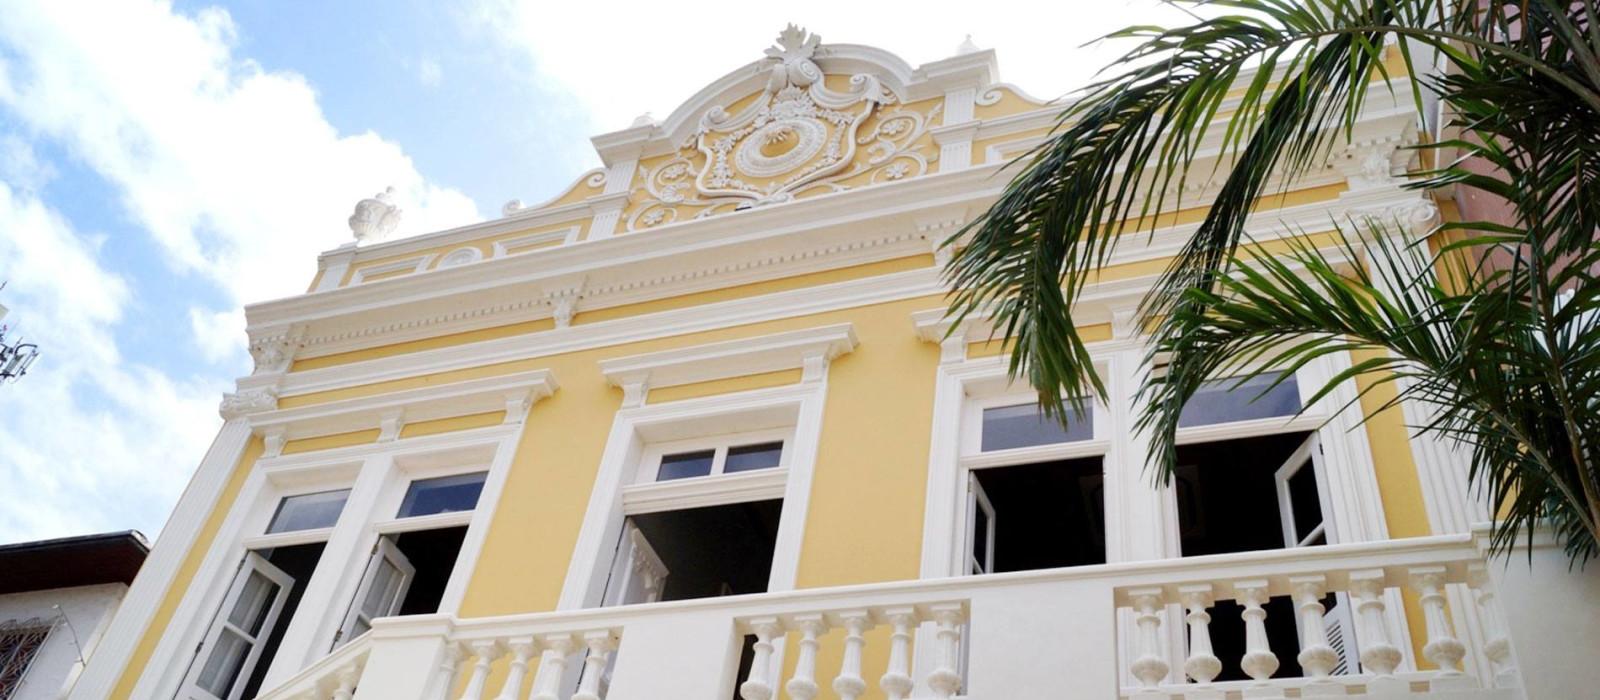 Hotel Villa Amazonia Brasilien